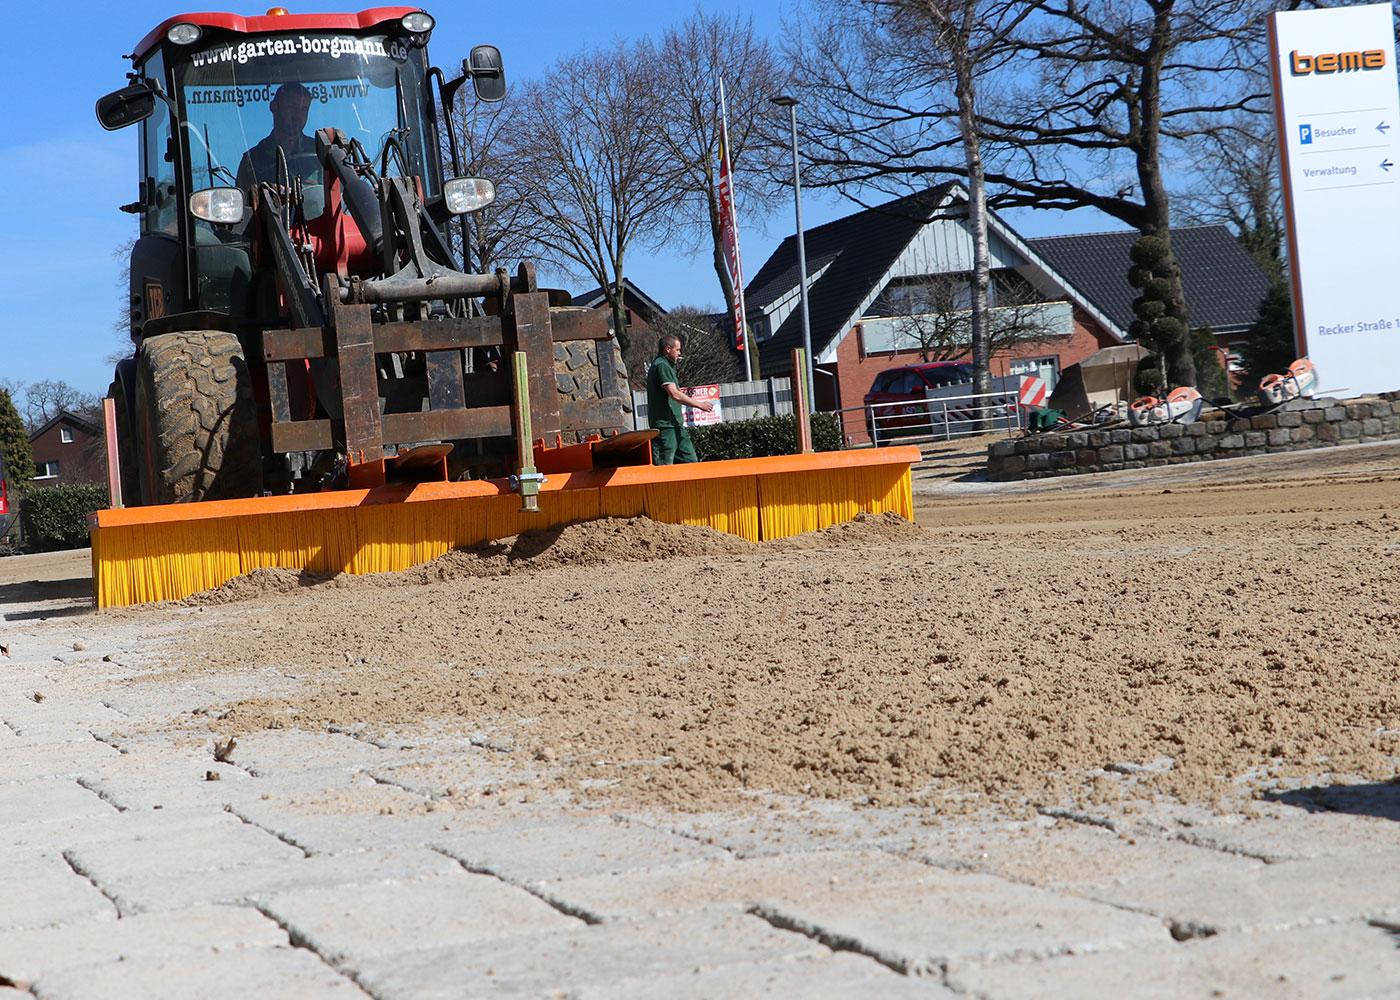 210330_bema_11_Multi-Clean_Einsatz_Sand_einkehren_0044.jpg